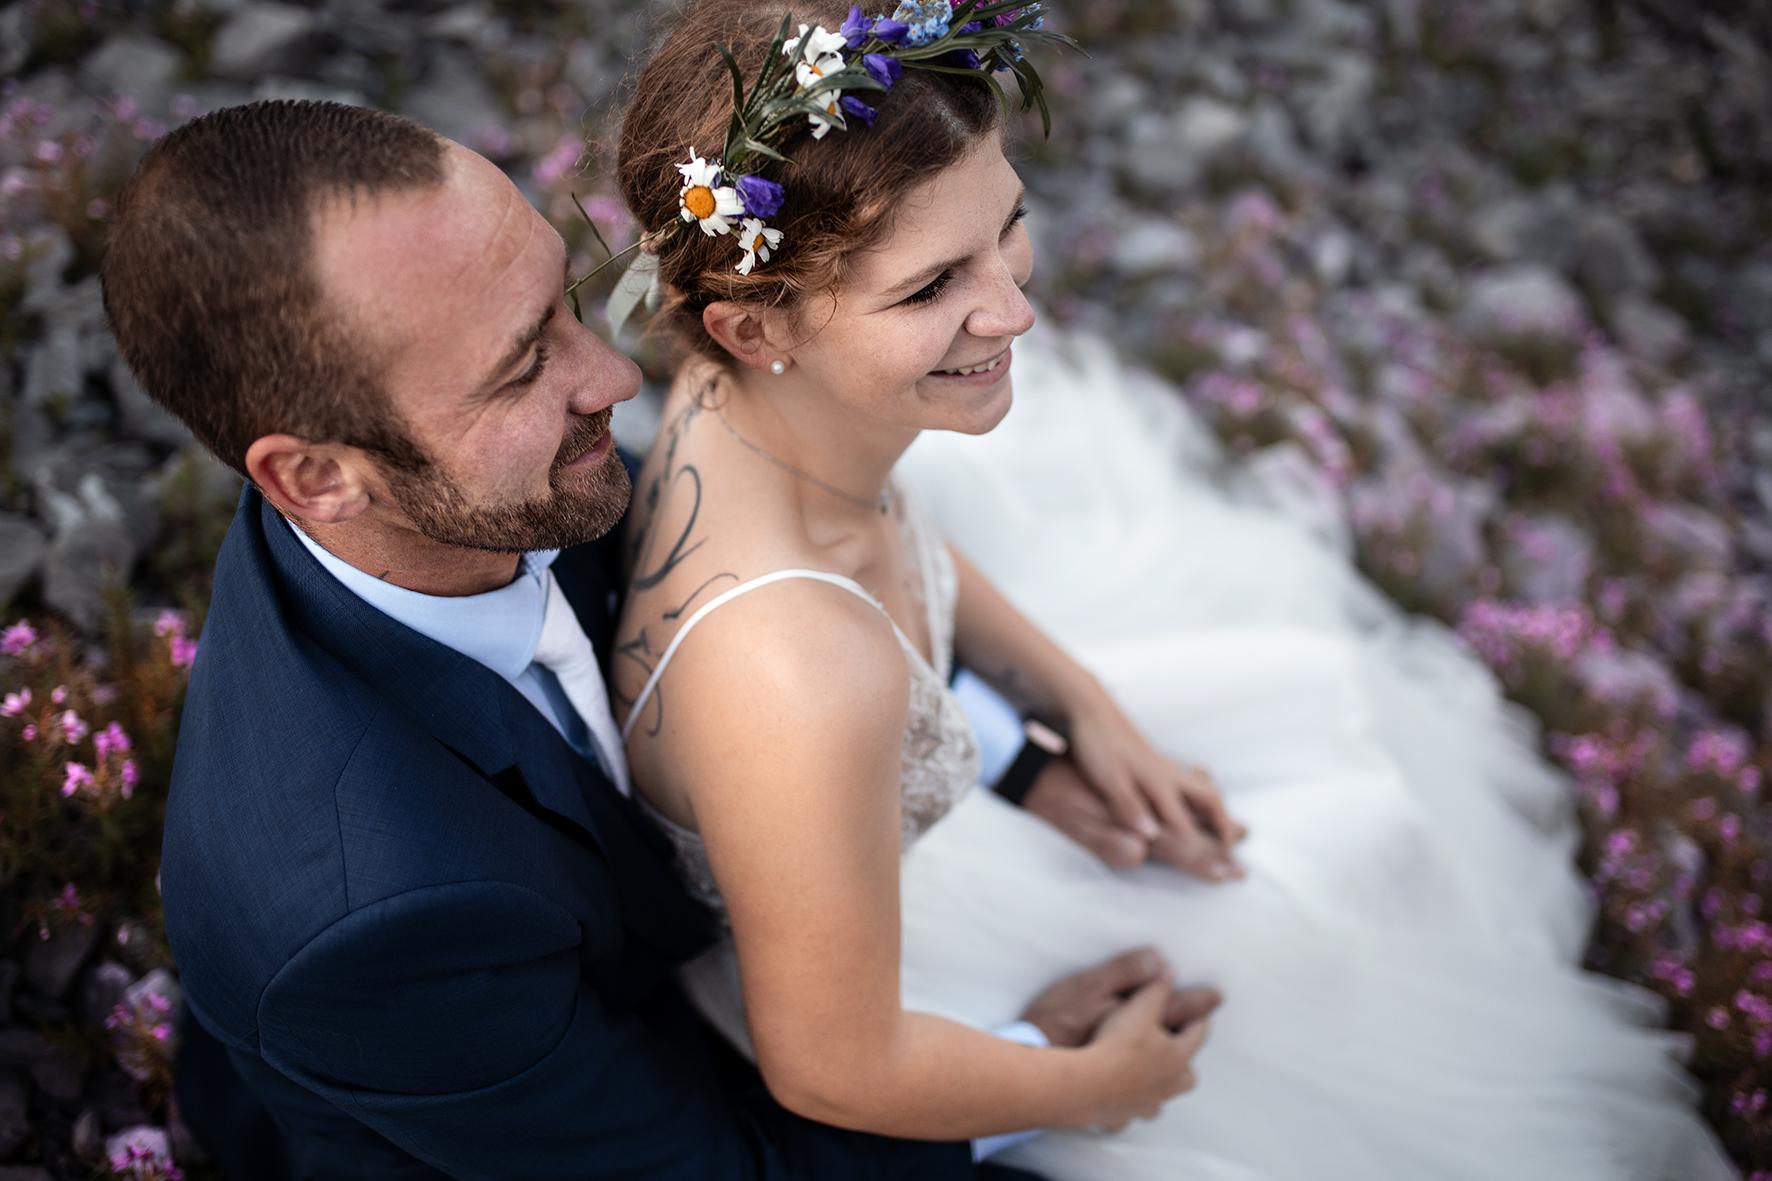 After_Wedding_Shooting_Schweiz_Alpen_04